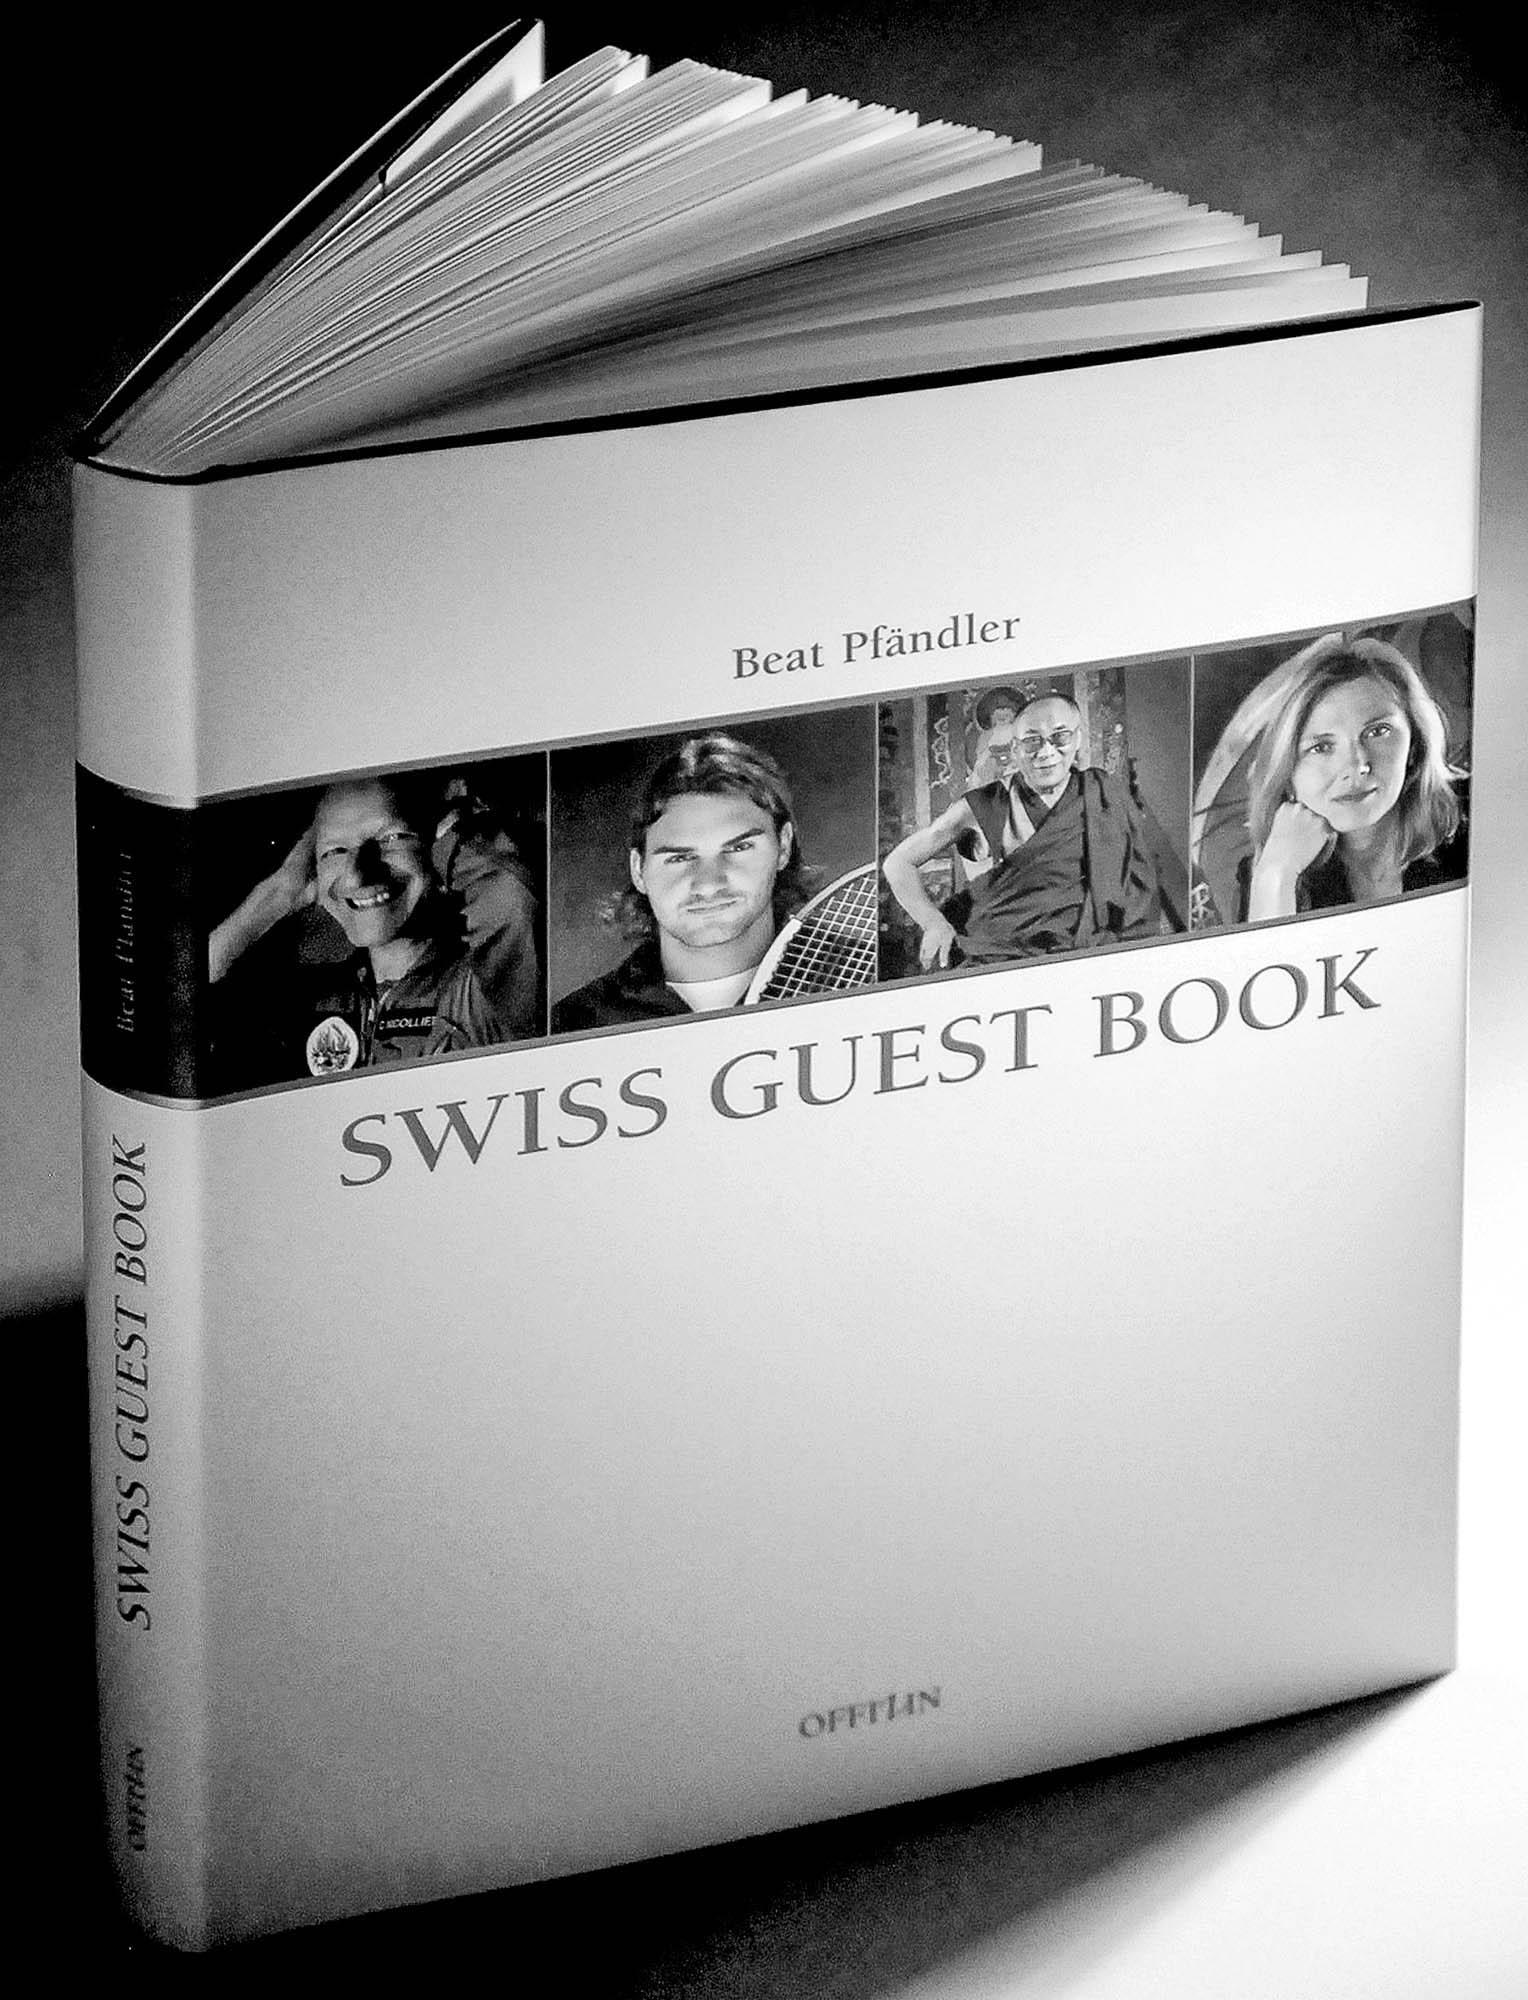 Buch Swiss Guest Book Pfändler IPFO.jpg